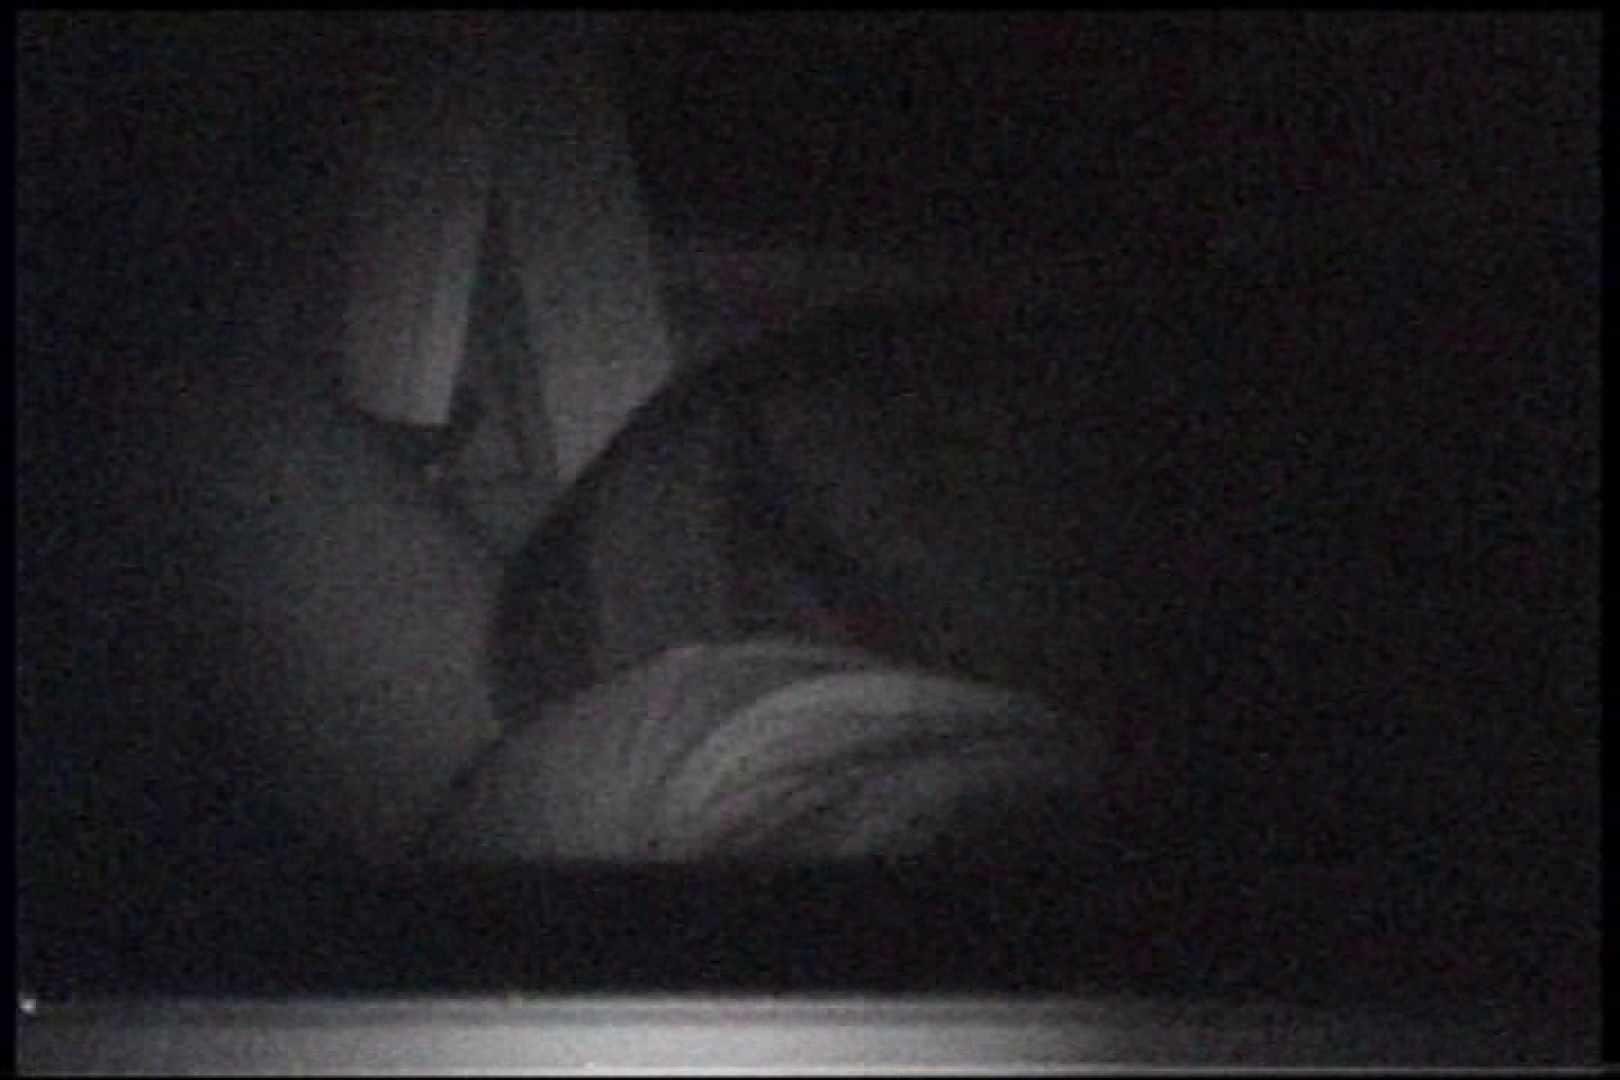 充血監督の深夜の運動会Vol.236 おっぱい特集  52pic 21